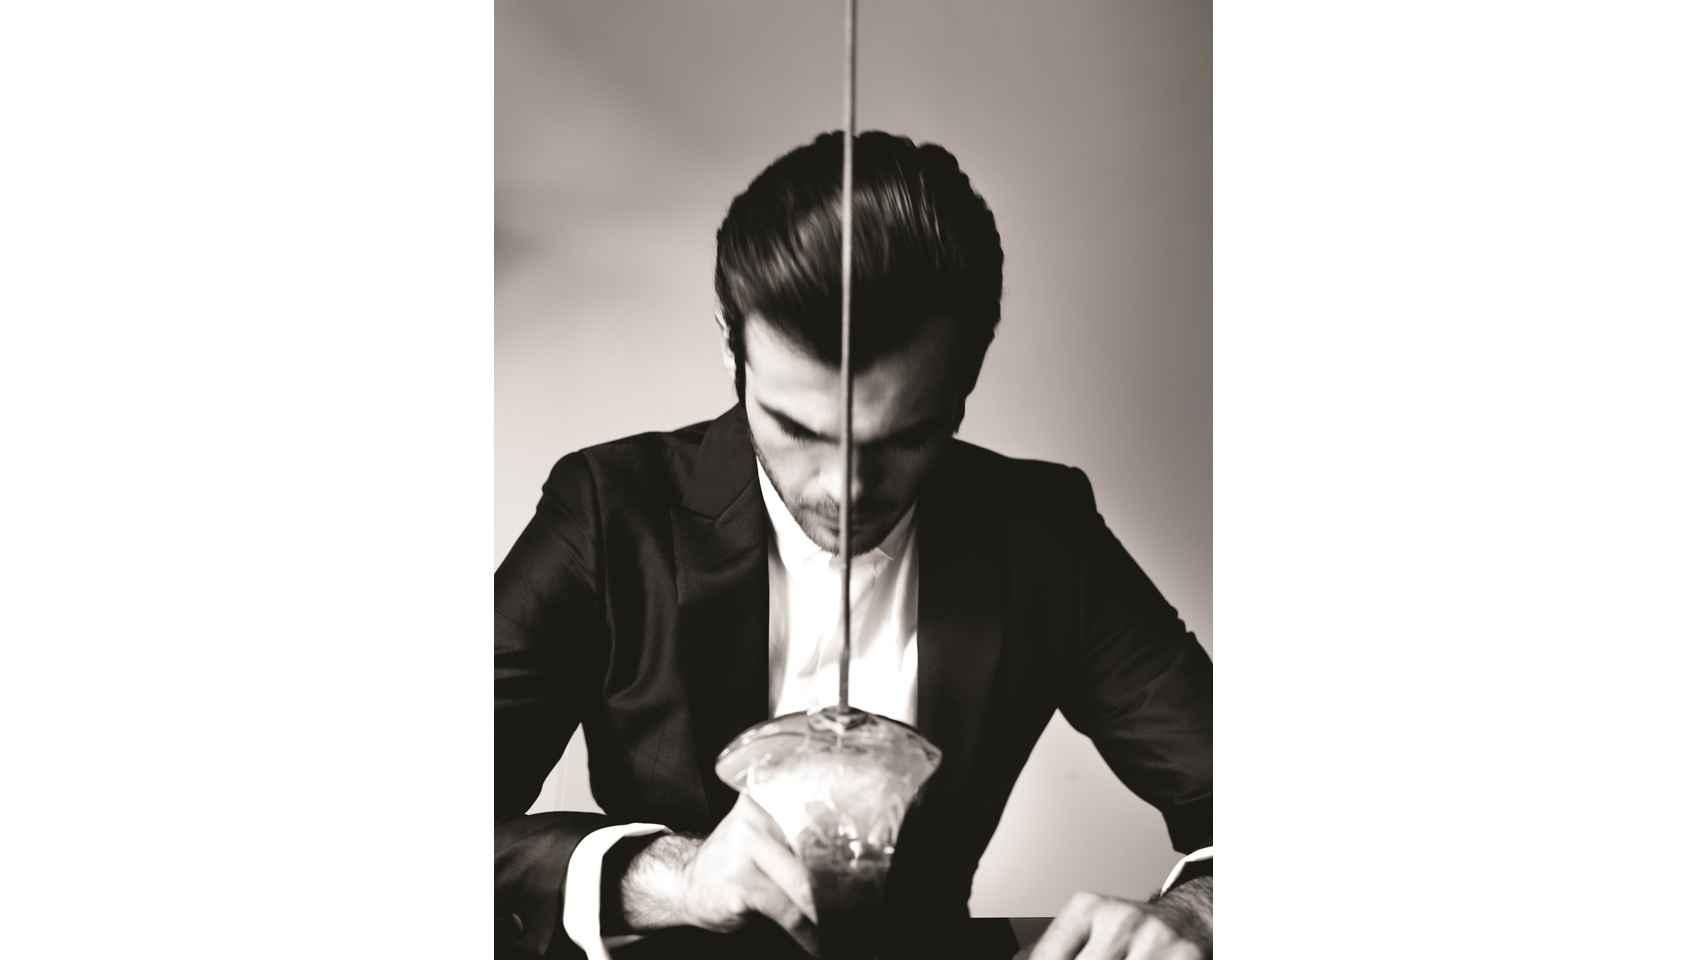 Alex con un look completo de PAL ZILERI, para vestir en clave gentleman contemporáneo, ponte tu camisa y chaqueta de vestir sin corbata ni gemelos.